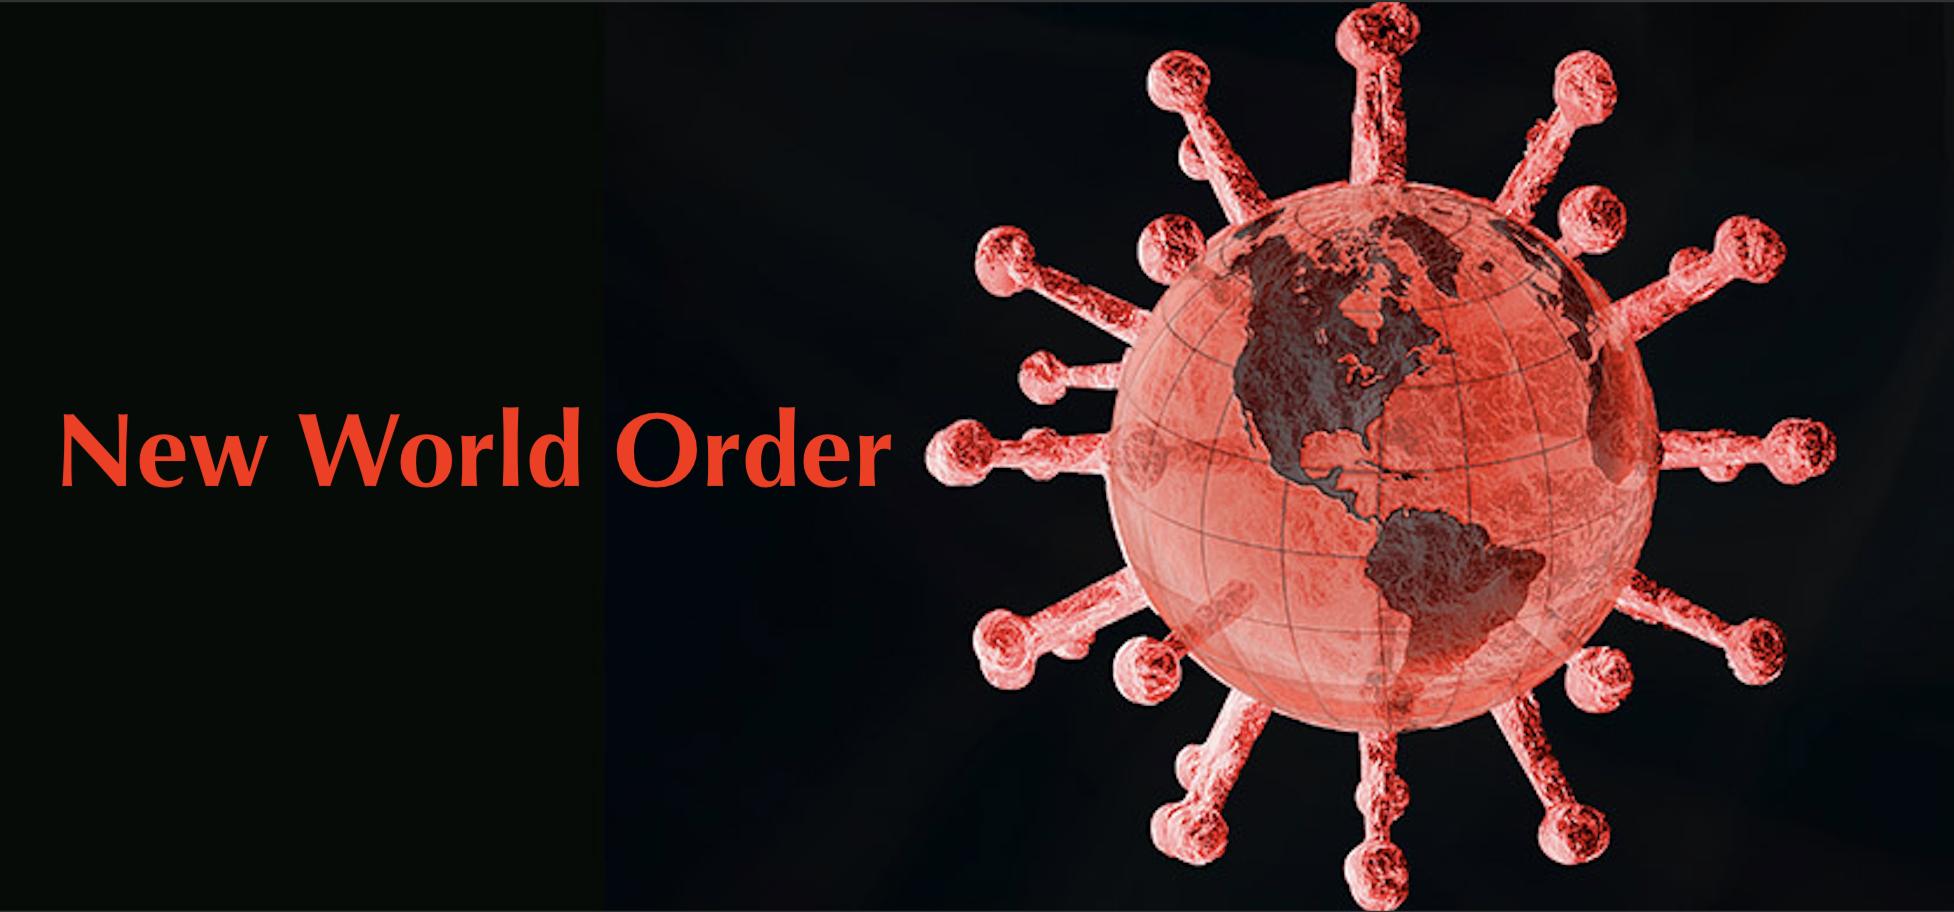 Covid-19 a fost planificat să deschidă Noua Ordine Mondială